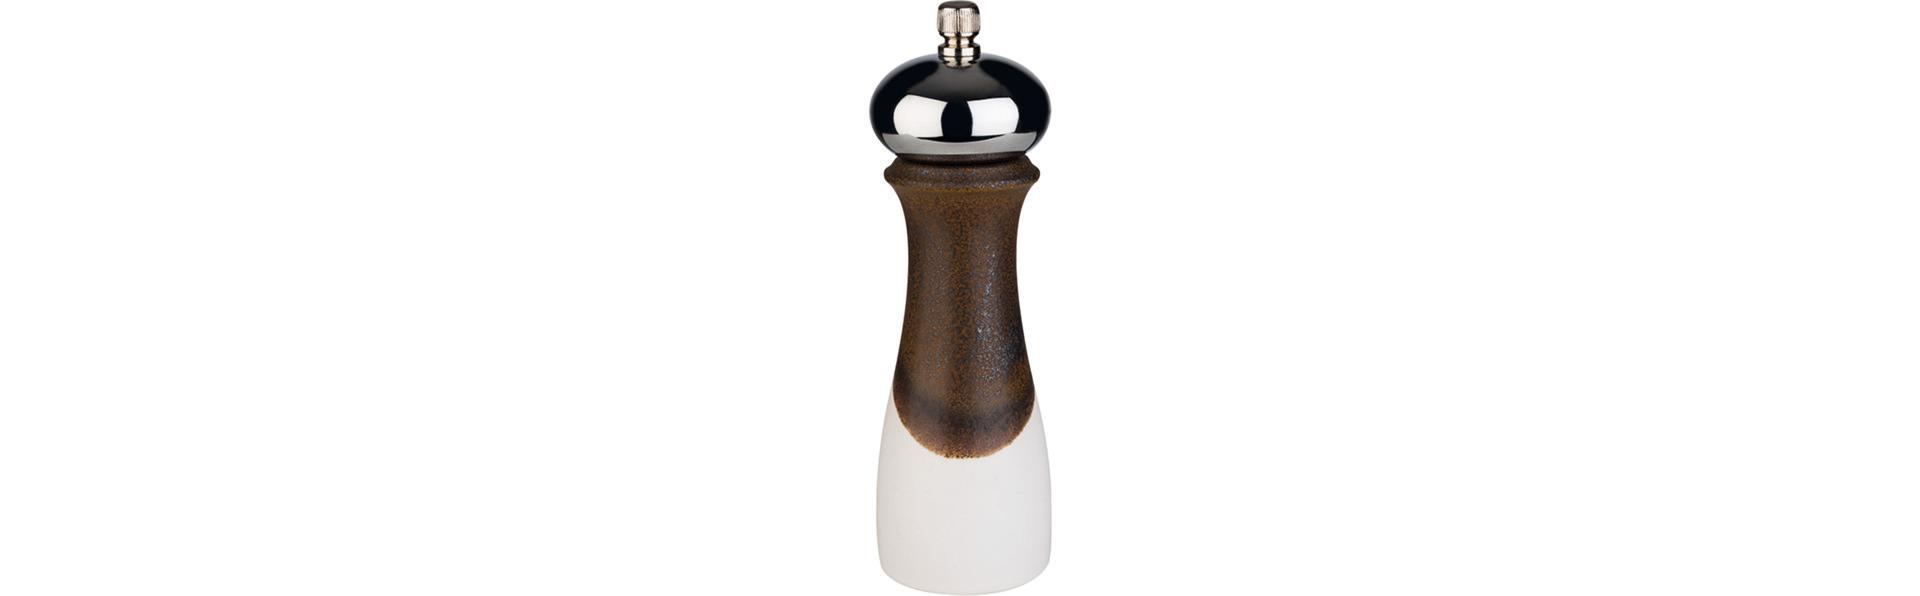 Pfeffermühle 180 mm Porzellan / ABS weiß / braun